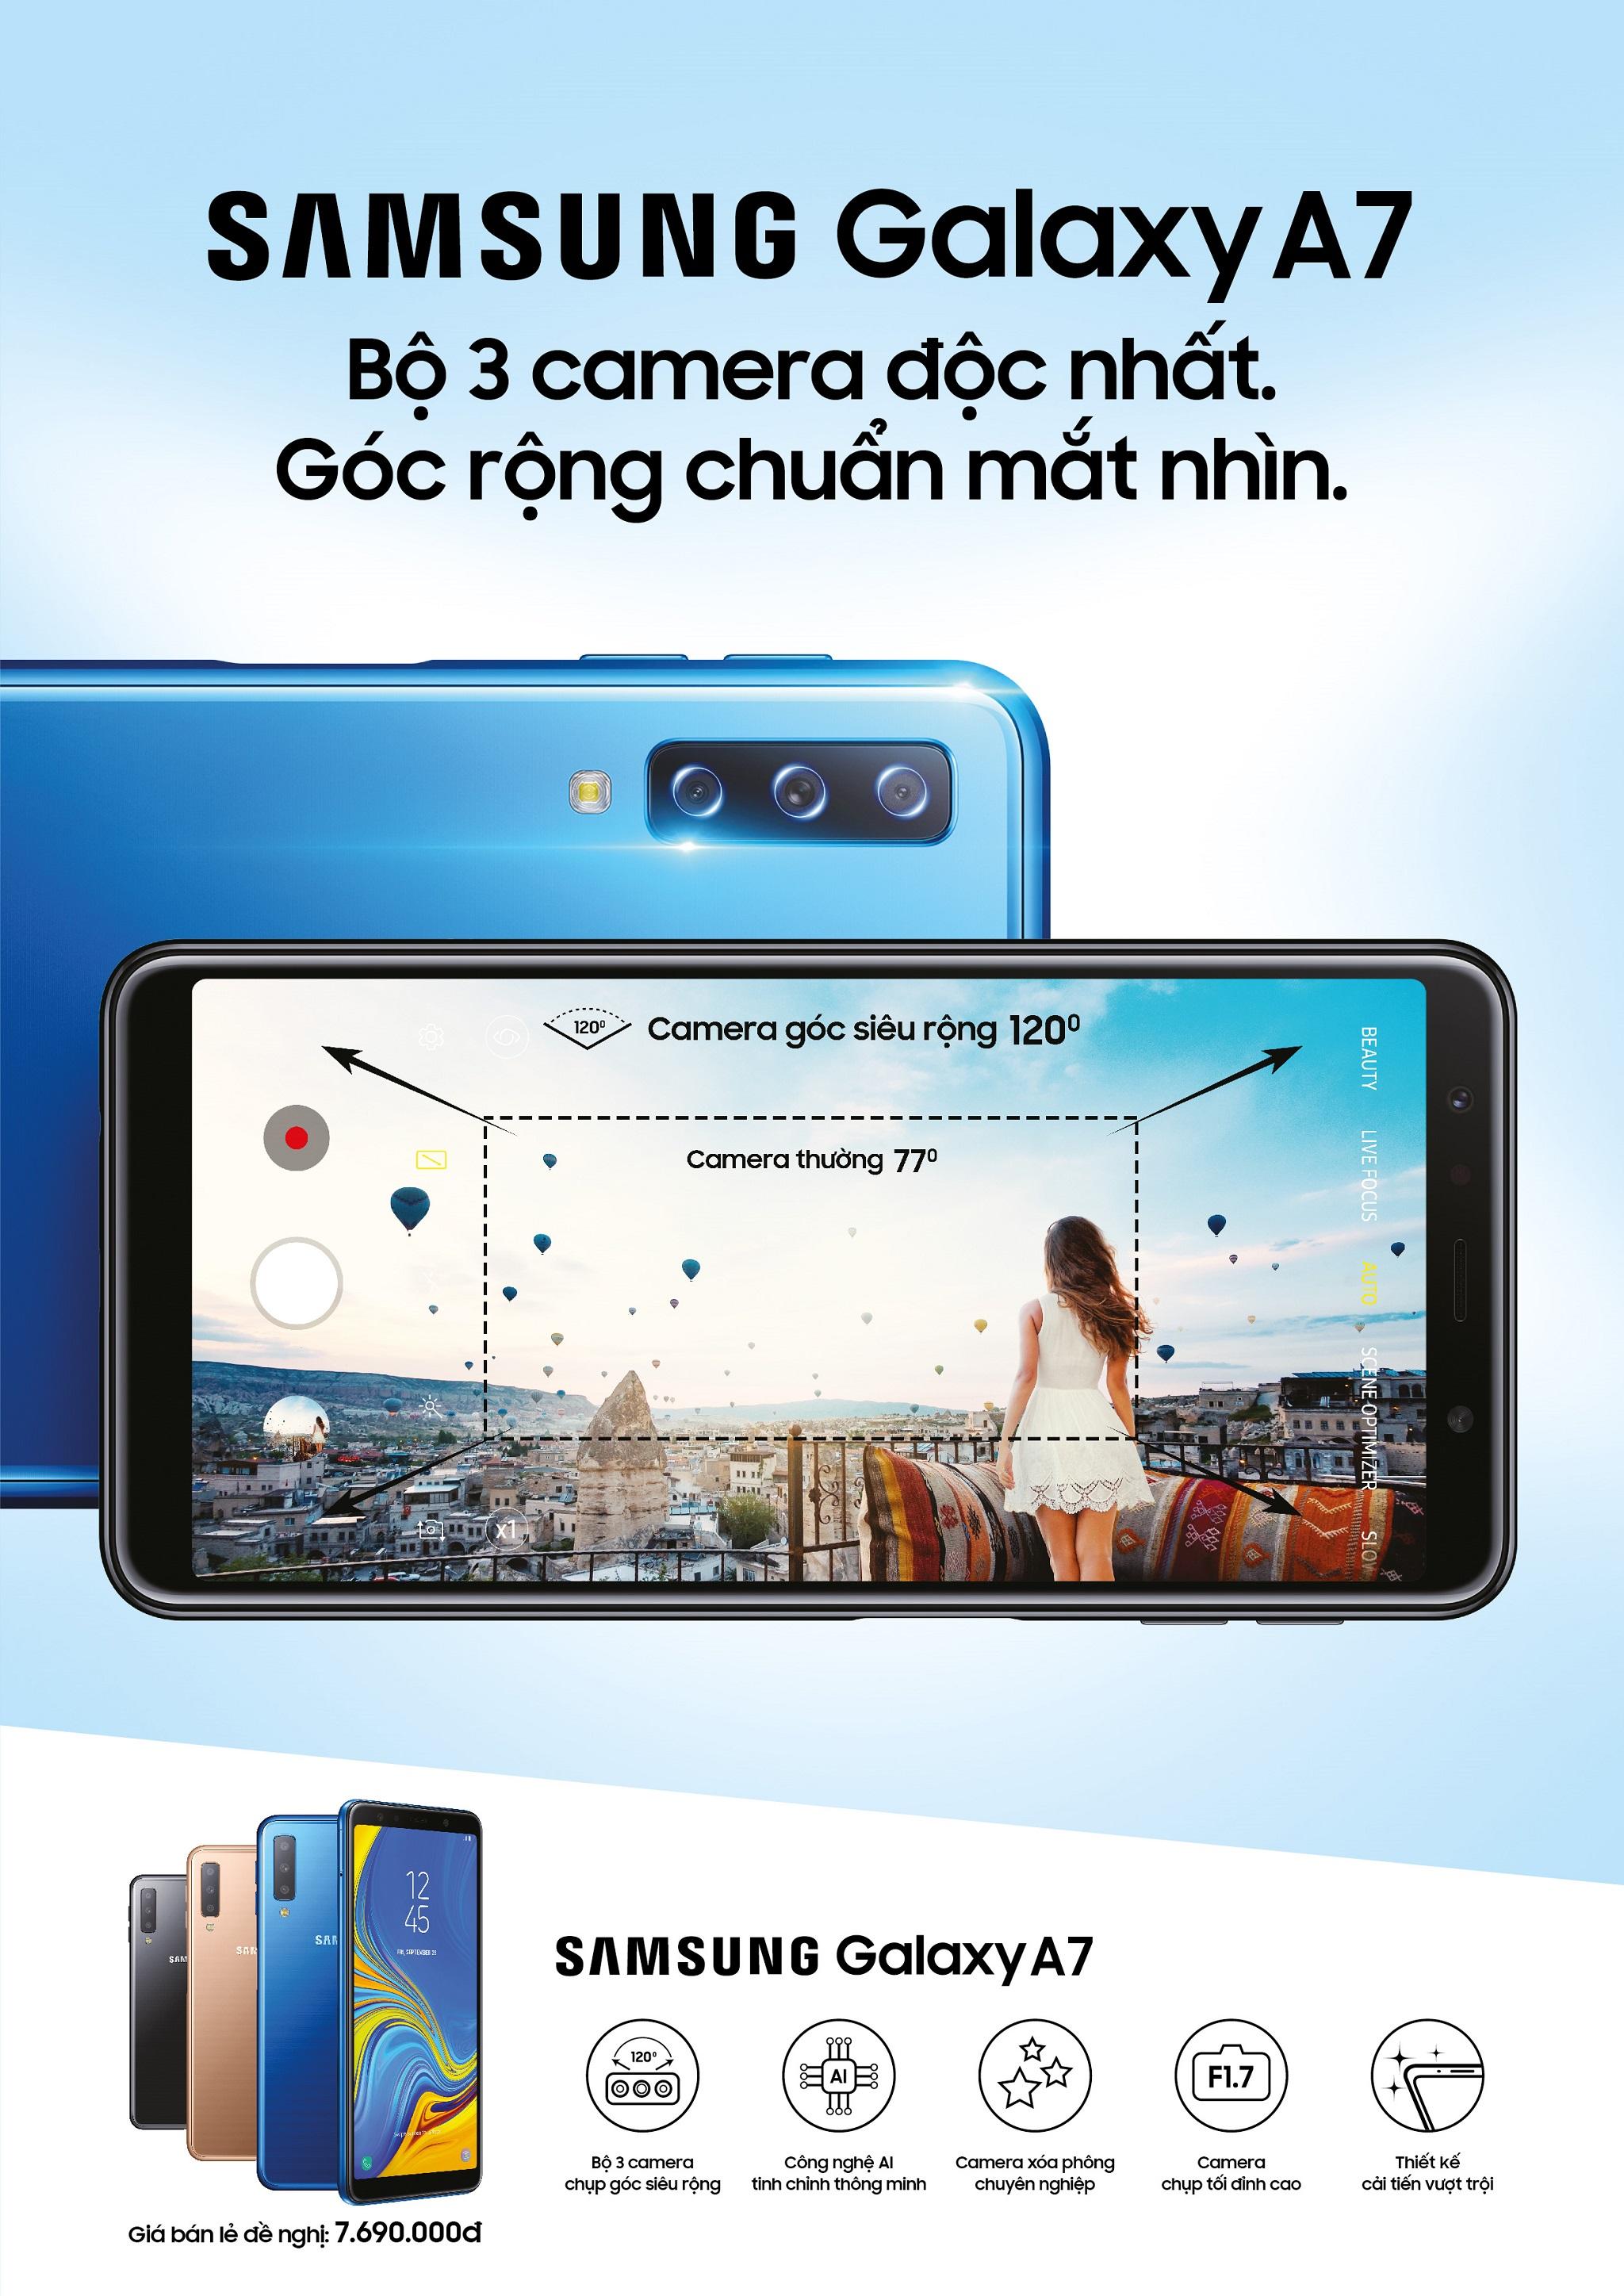 Galaxy A7, Smartphone đột phá cho giới trẻ đã chính thức xuất hiện hình 2